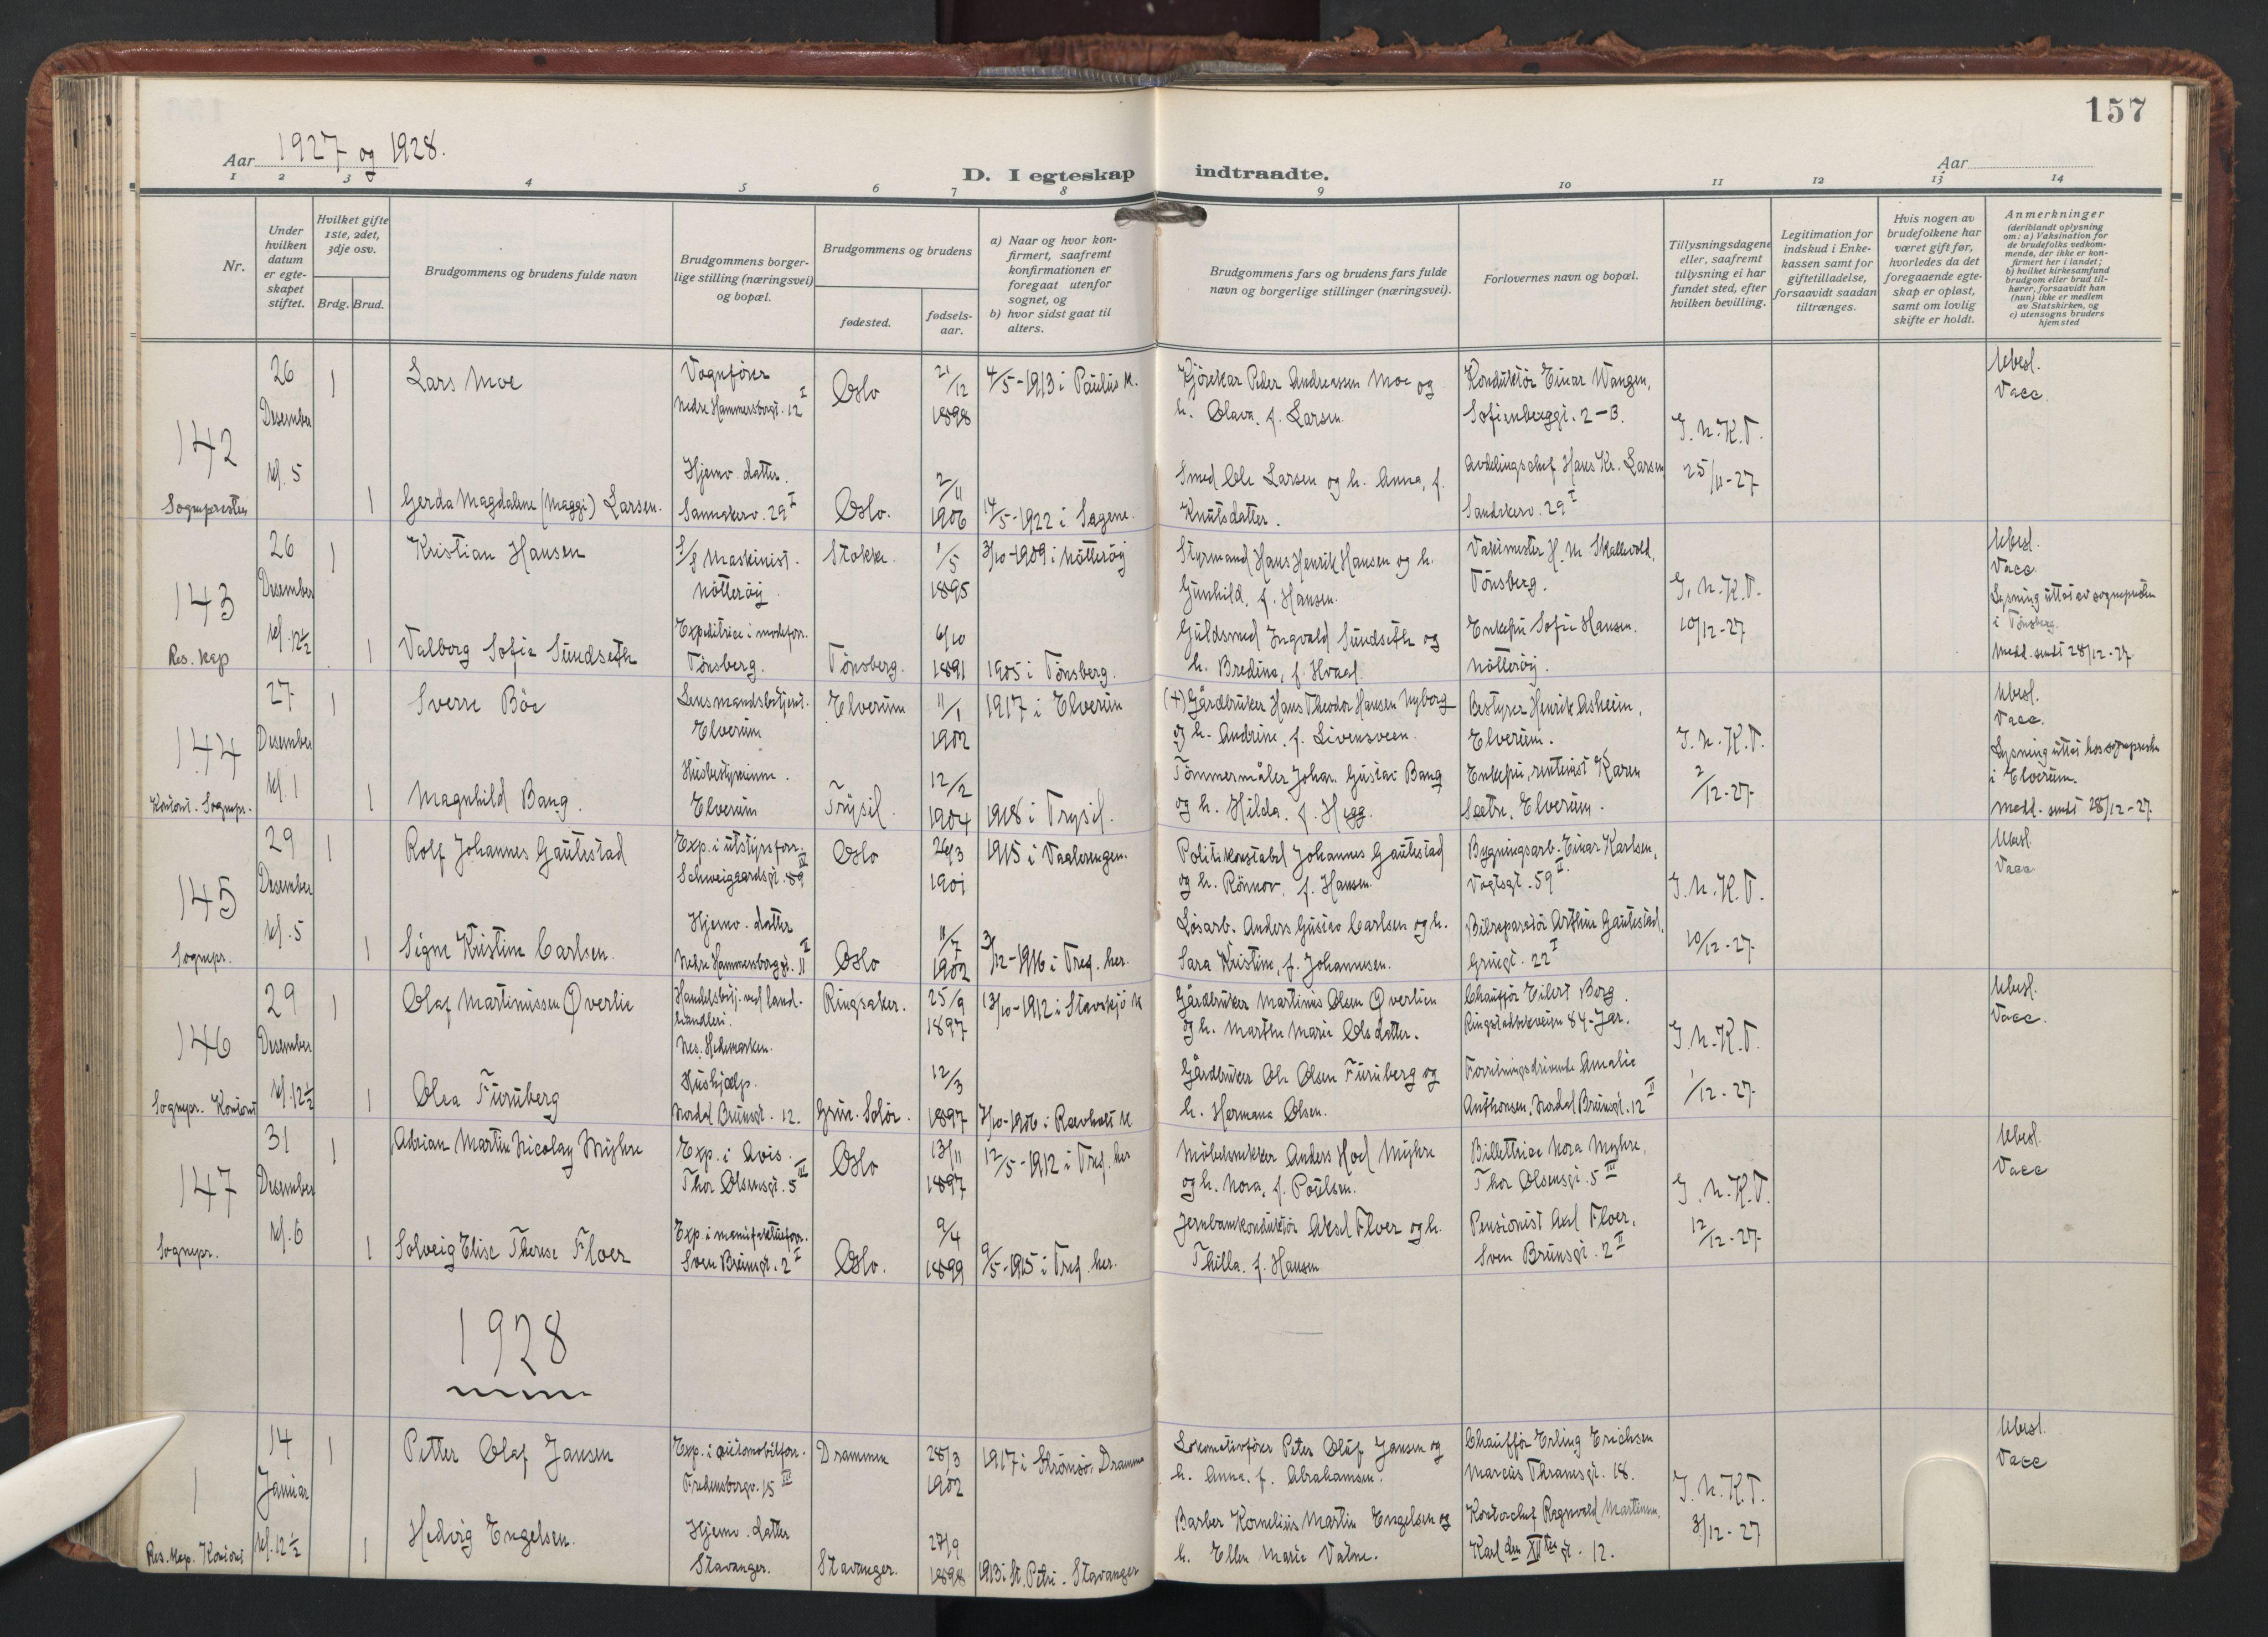 SAO, Trefoldighet prestekontor Kirkebøker, F/Fc/L0009: Ministerialbok nr. III 9, 1922-1936, s. 157